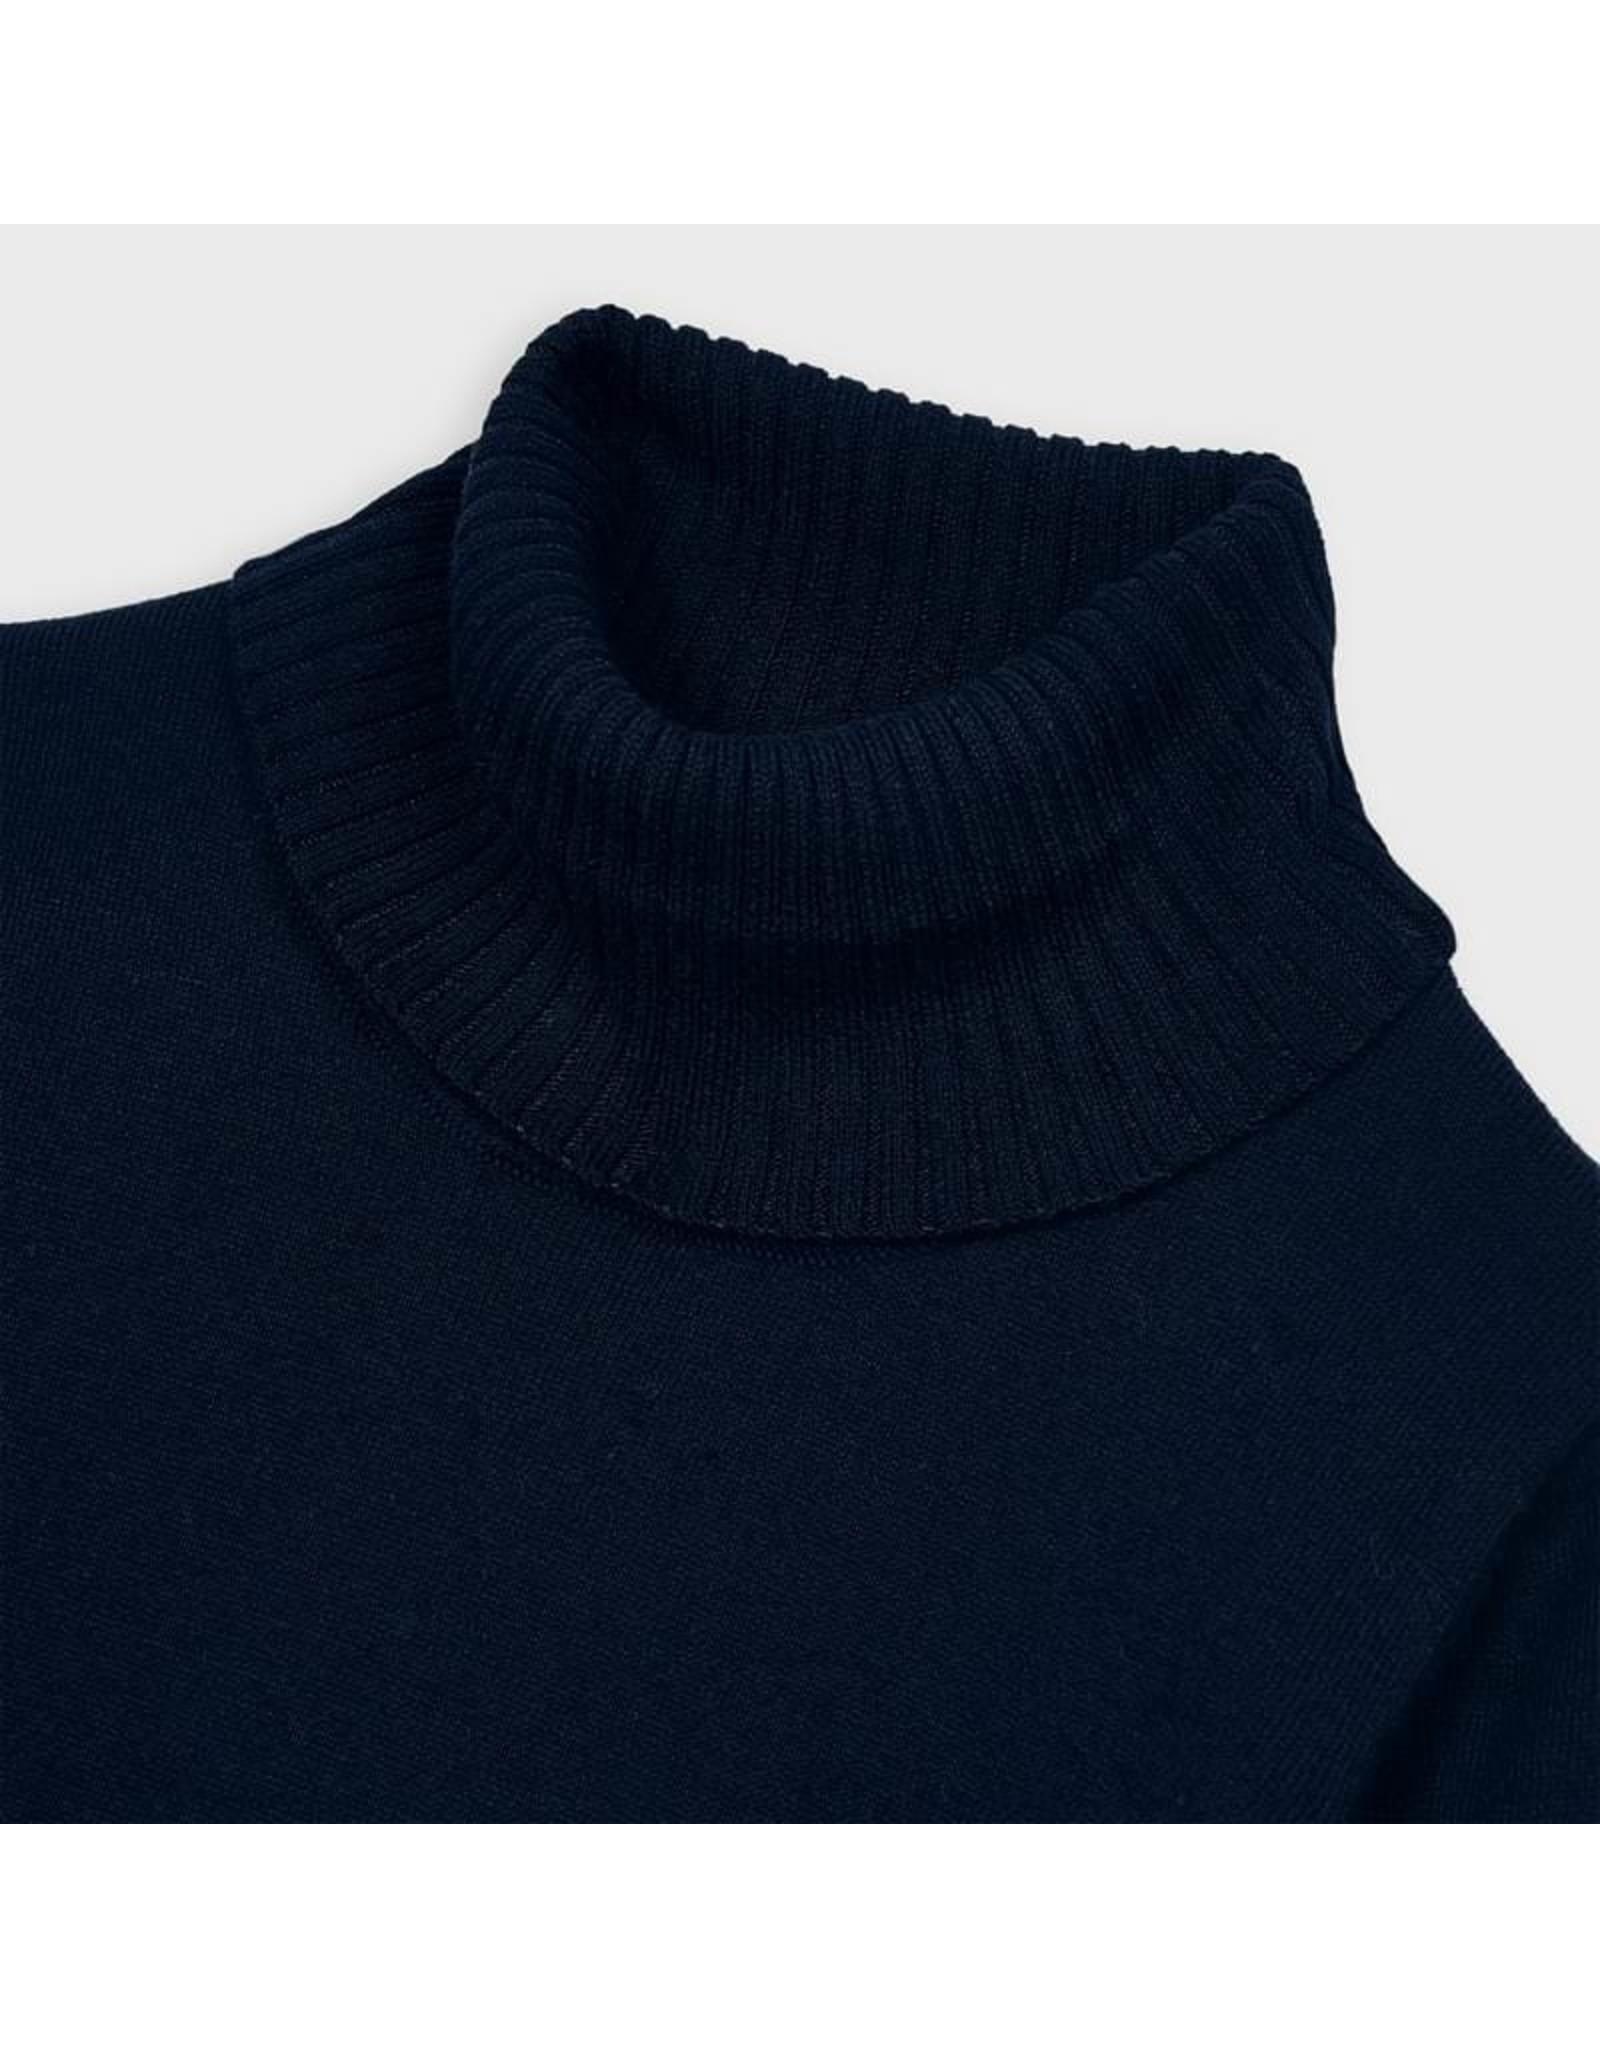 Mayoral Basic knitting turtleneck Navy